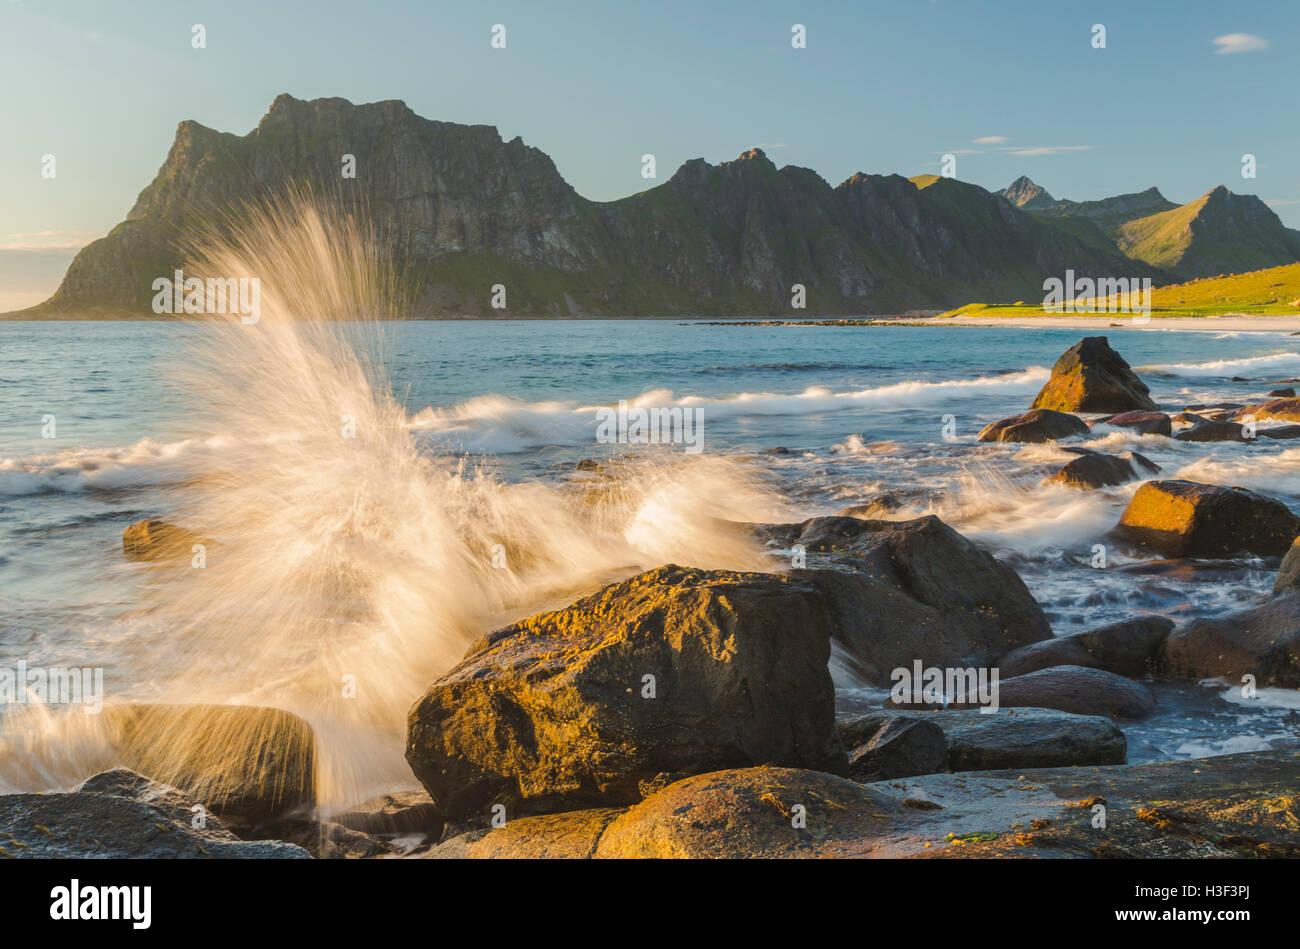 Felsen im Abendlicht mit warmen Lichtschein, Wellen ans Ufer und spritzt auf den Felsen, Uttakleiv, Lofote Stockbild